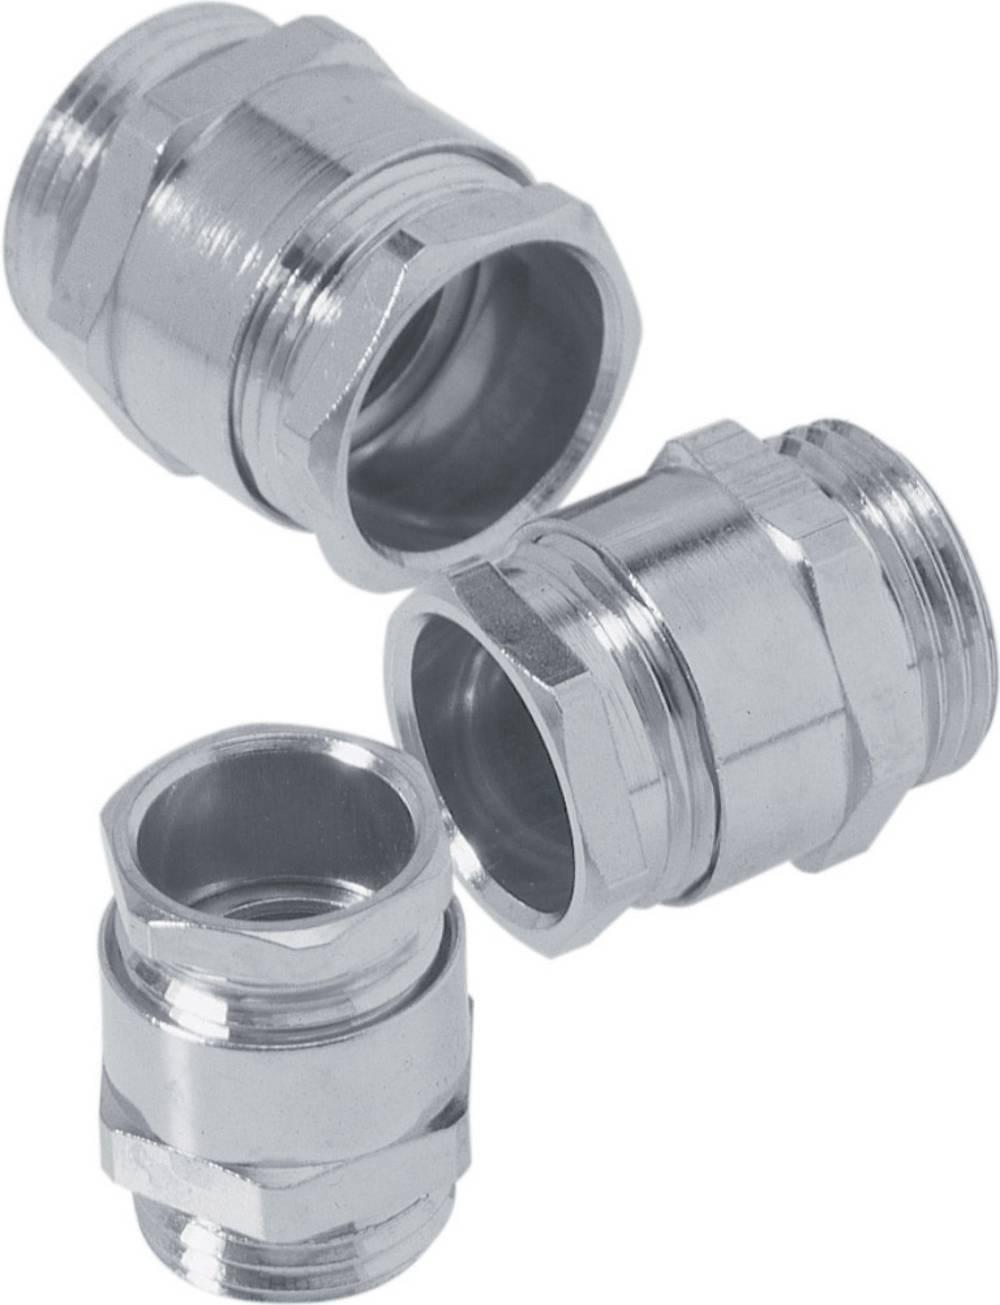 Kabelforskruning LappKabel SKINDICHT® SVRE-M25/21 M25/PG21 Messing Messing 1 stk